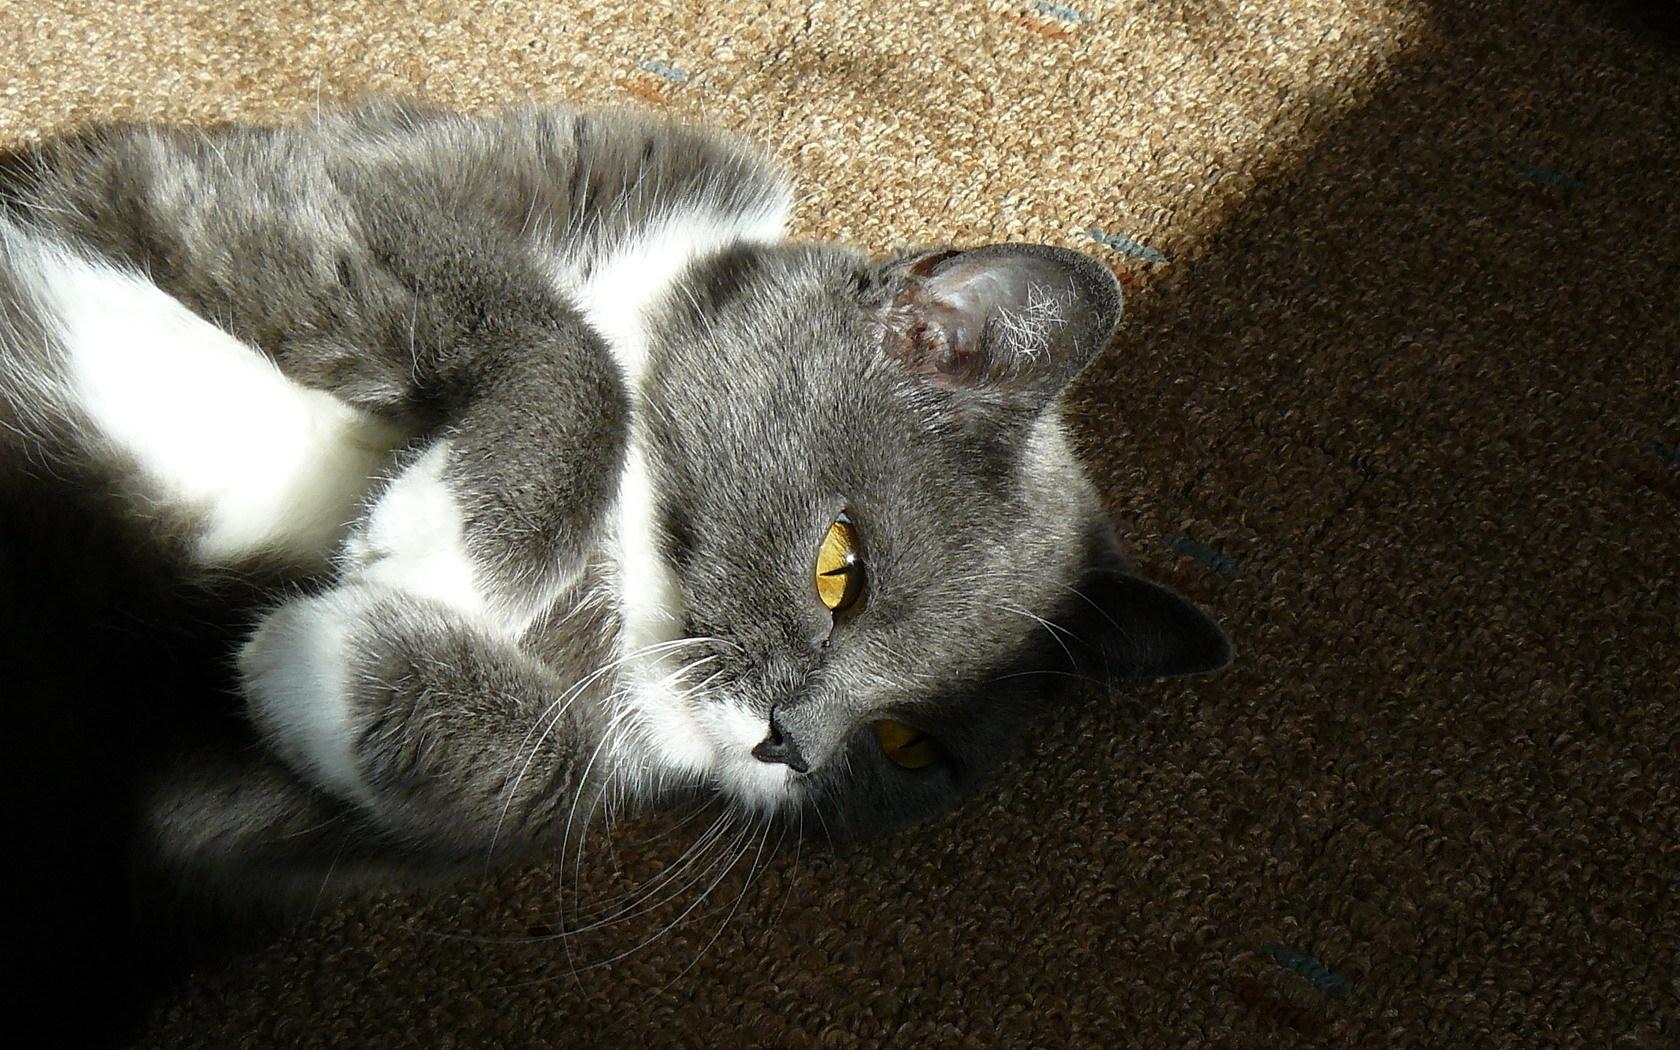 Кошки укушенные пчелами фото этих условных